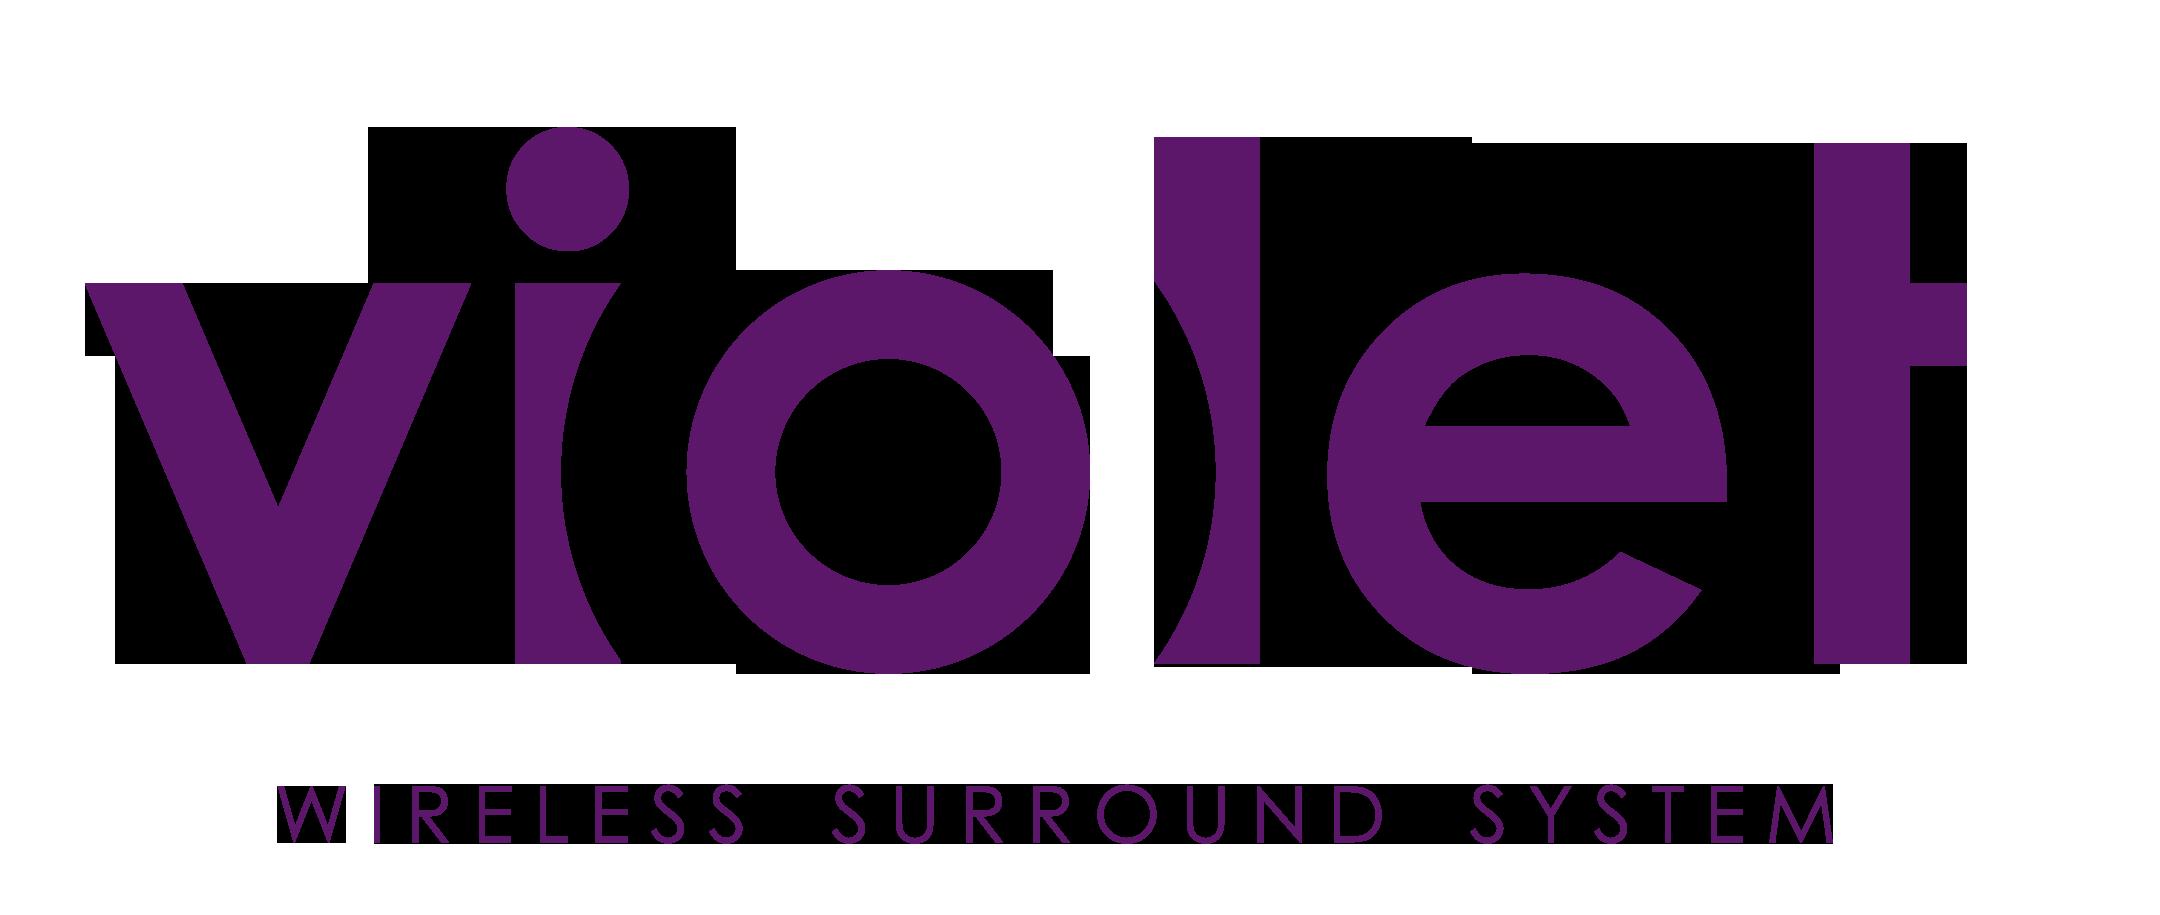 Violet3D Logo